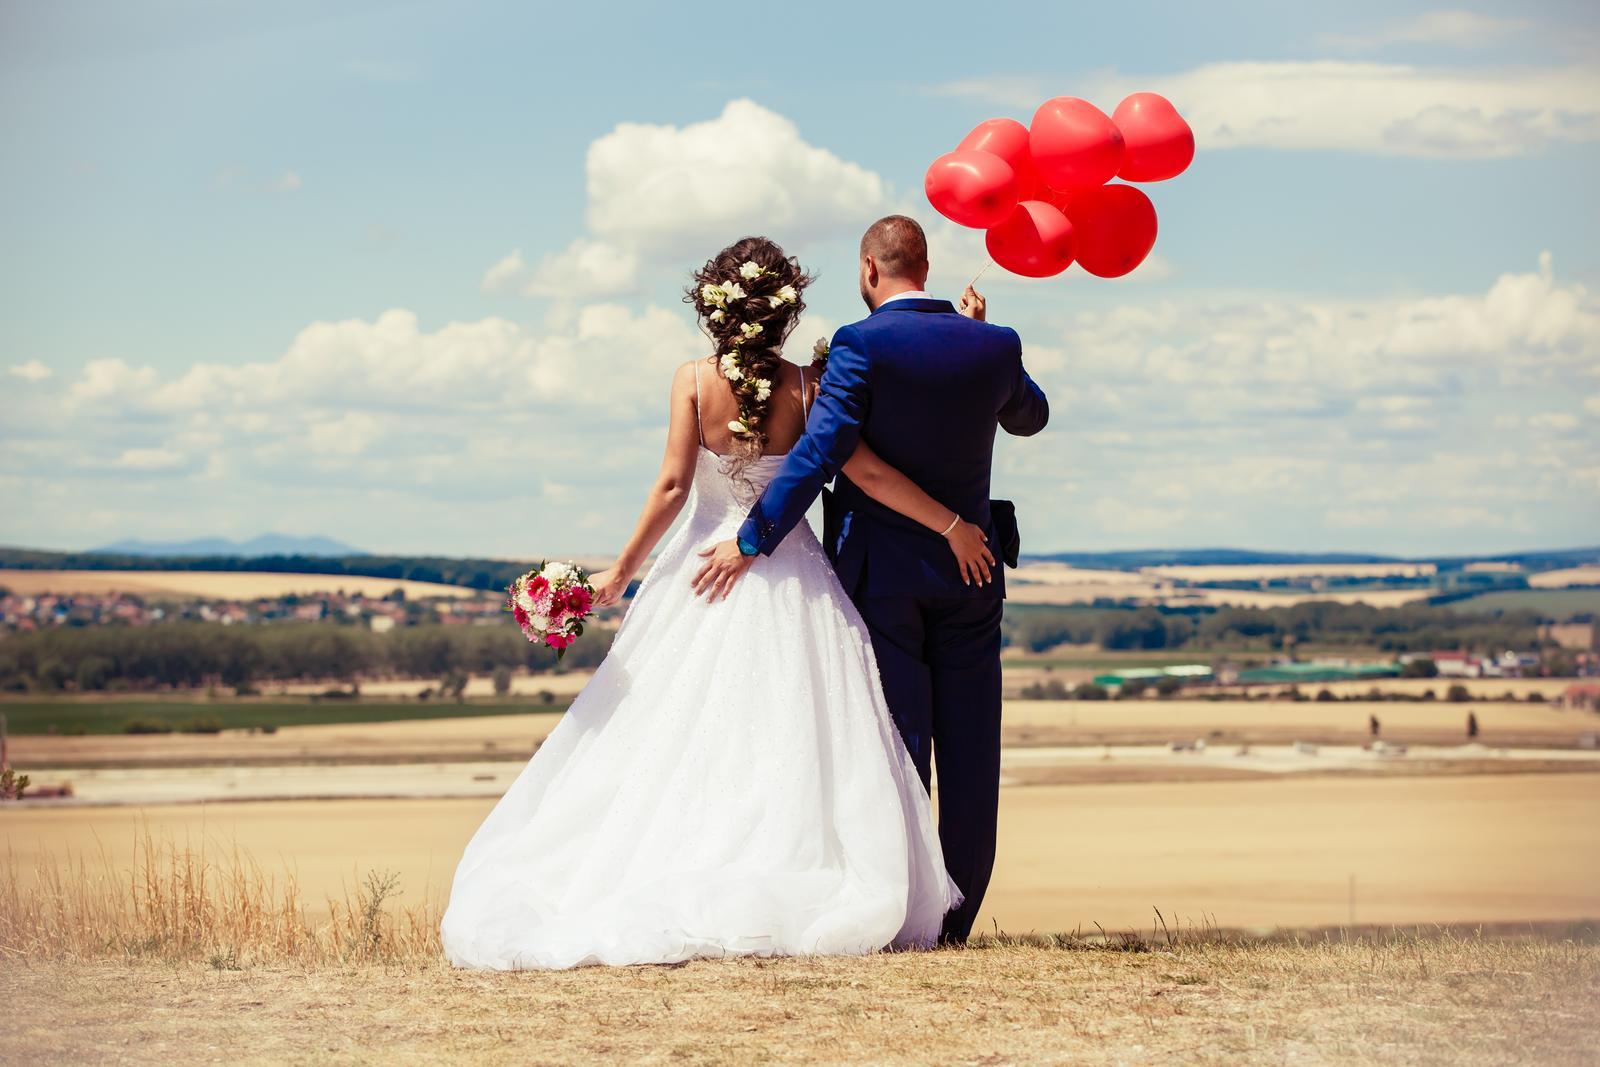 Naša svadba 1.7.2017 - Obrázok č. 12